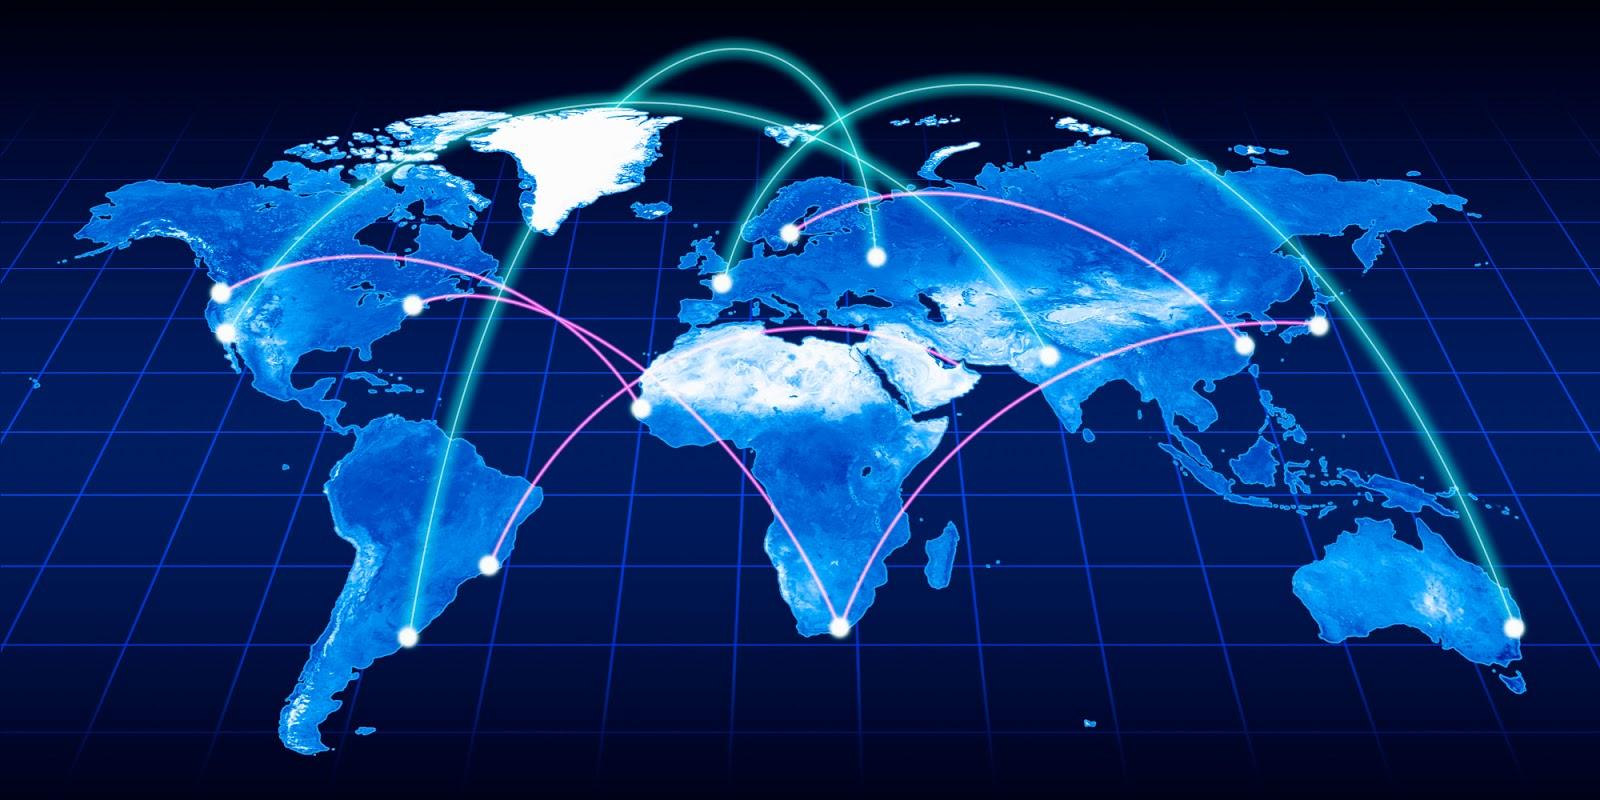 Định cư Bồ Đào Nha - Kết nối toàn cầu